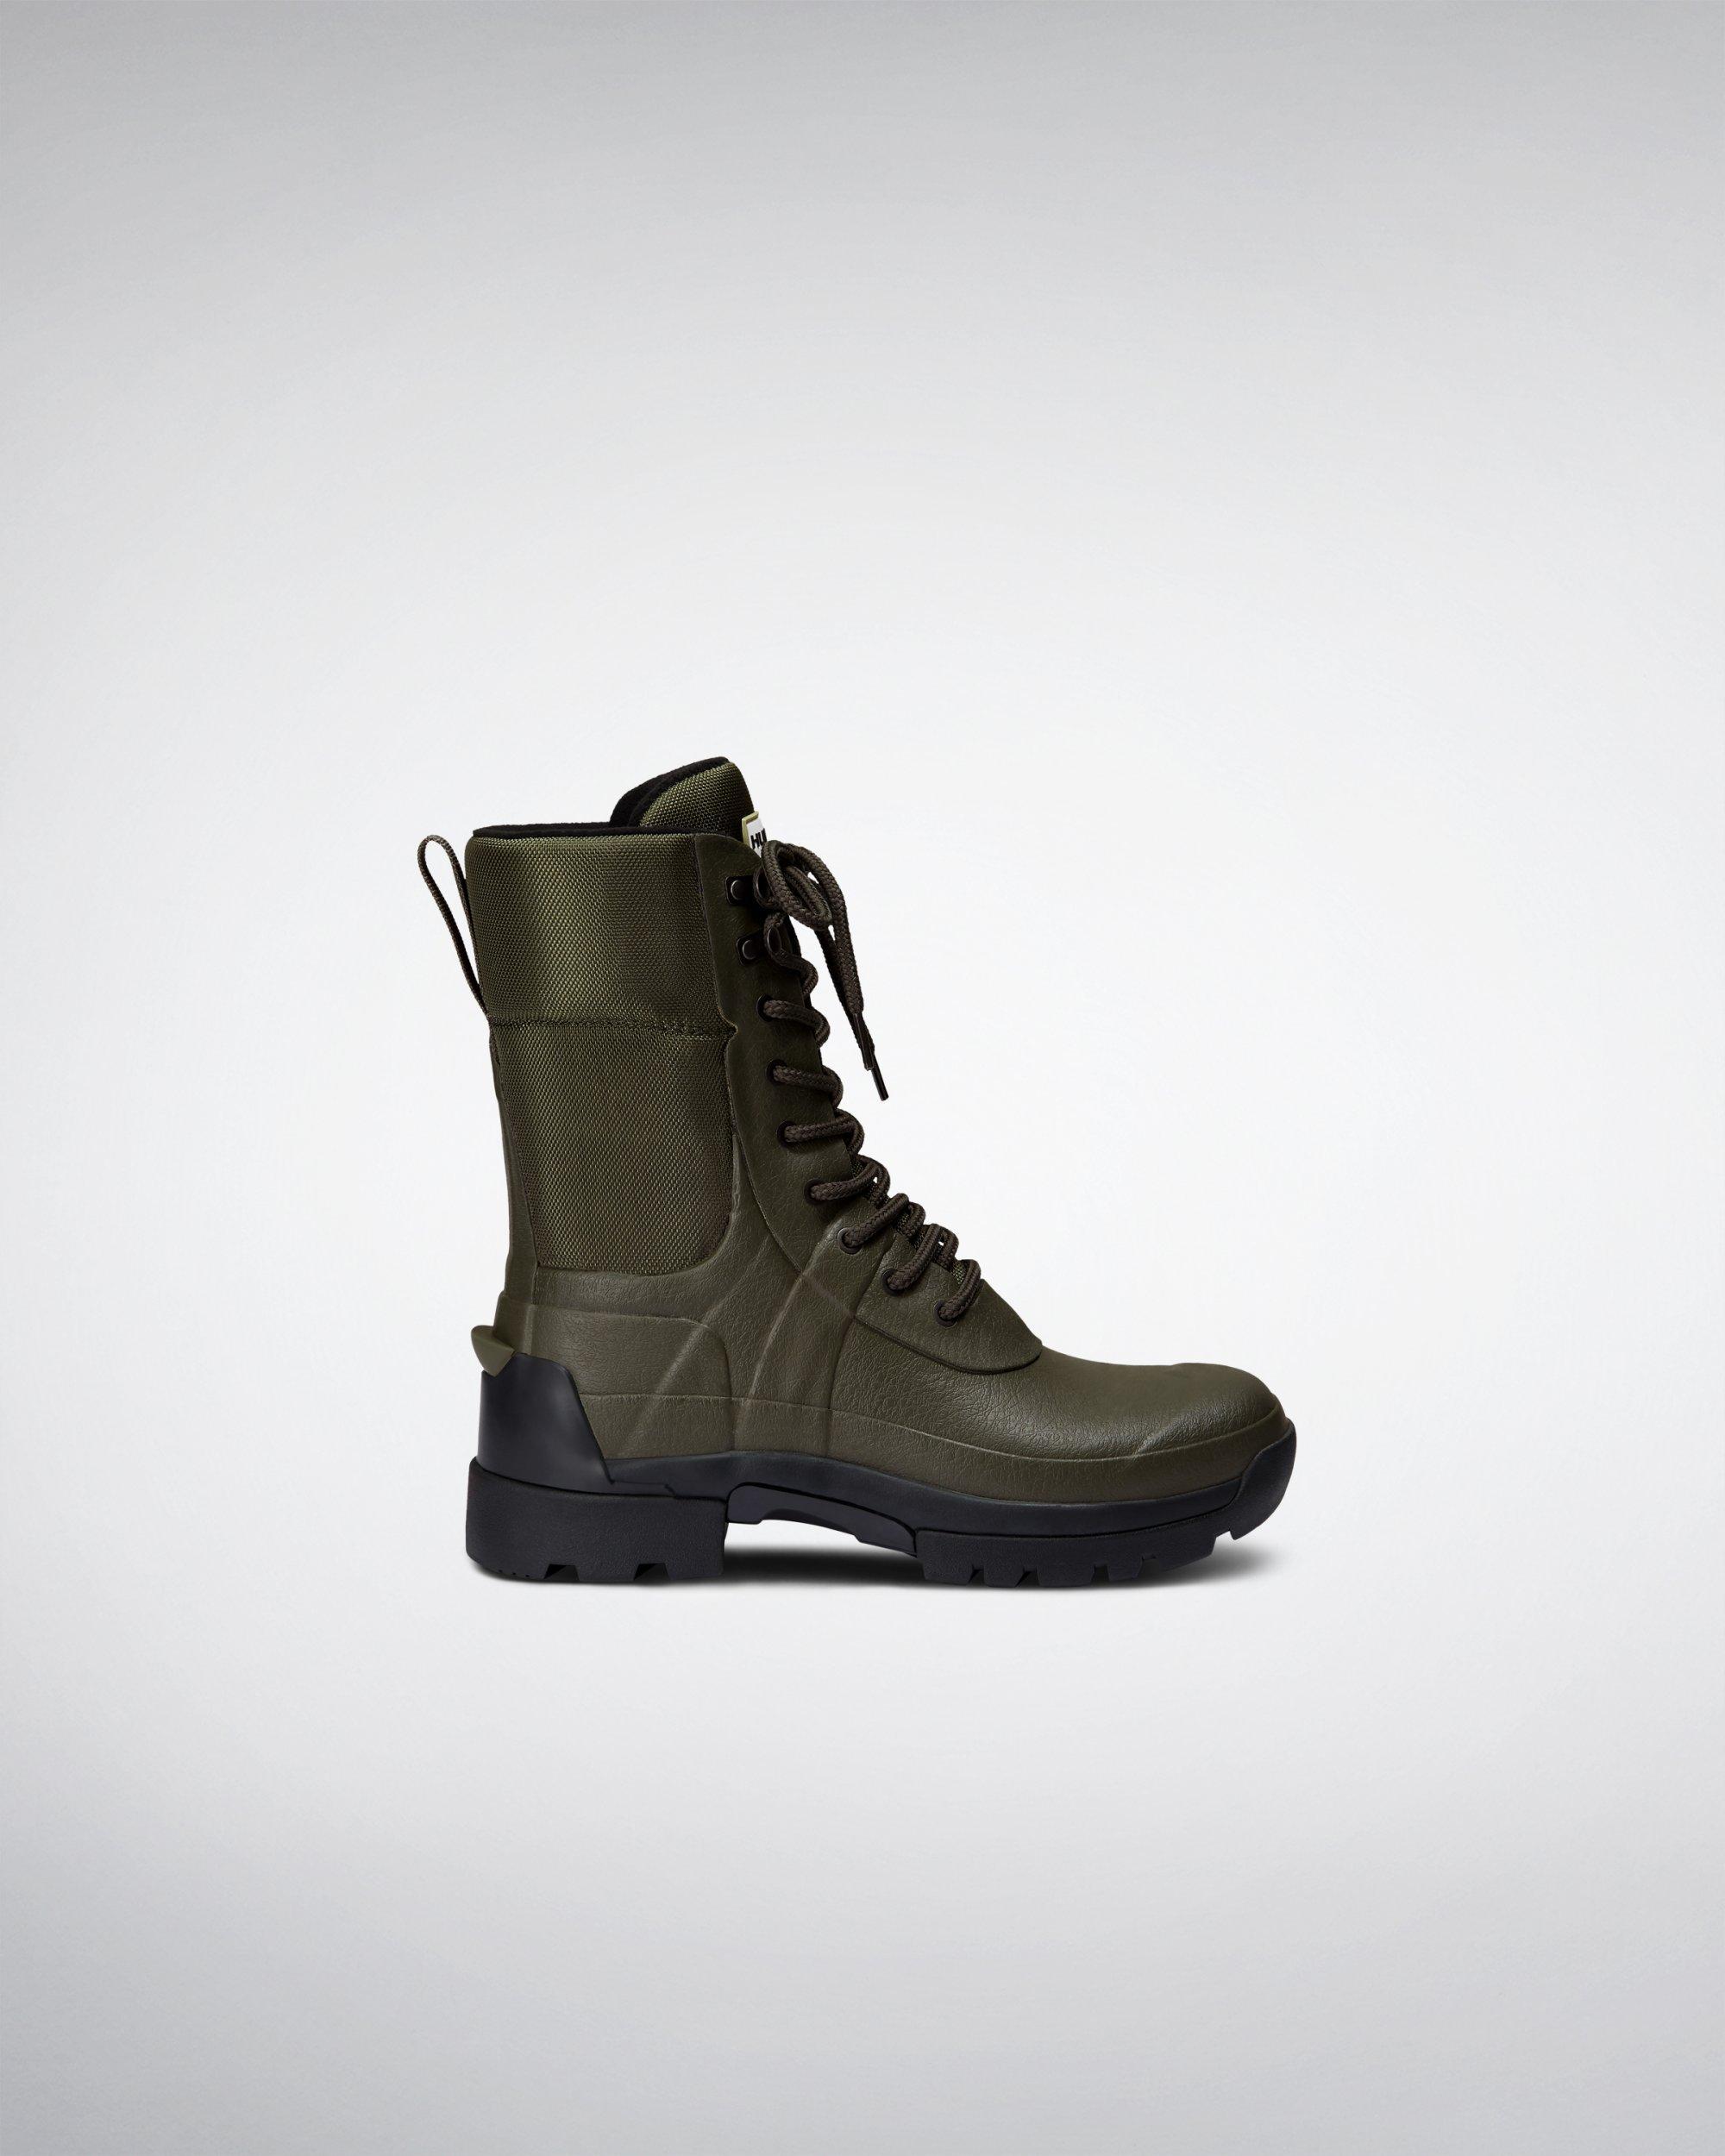 f744883fea5 Men's Green Balmoral Combat Boot